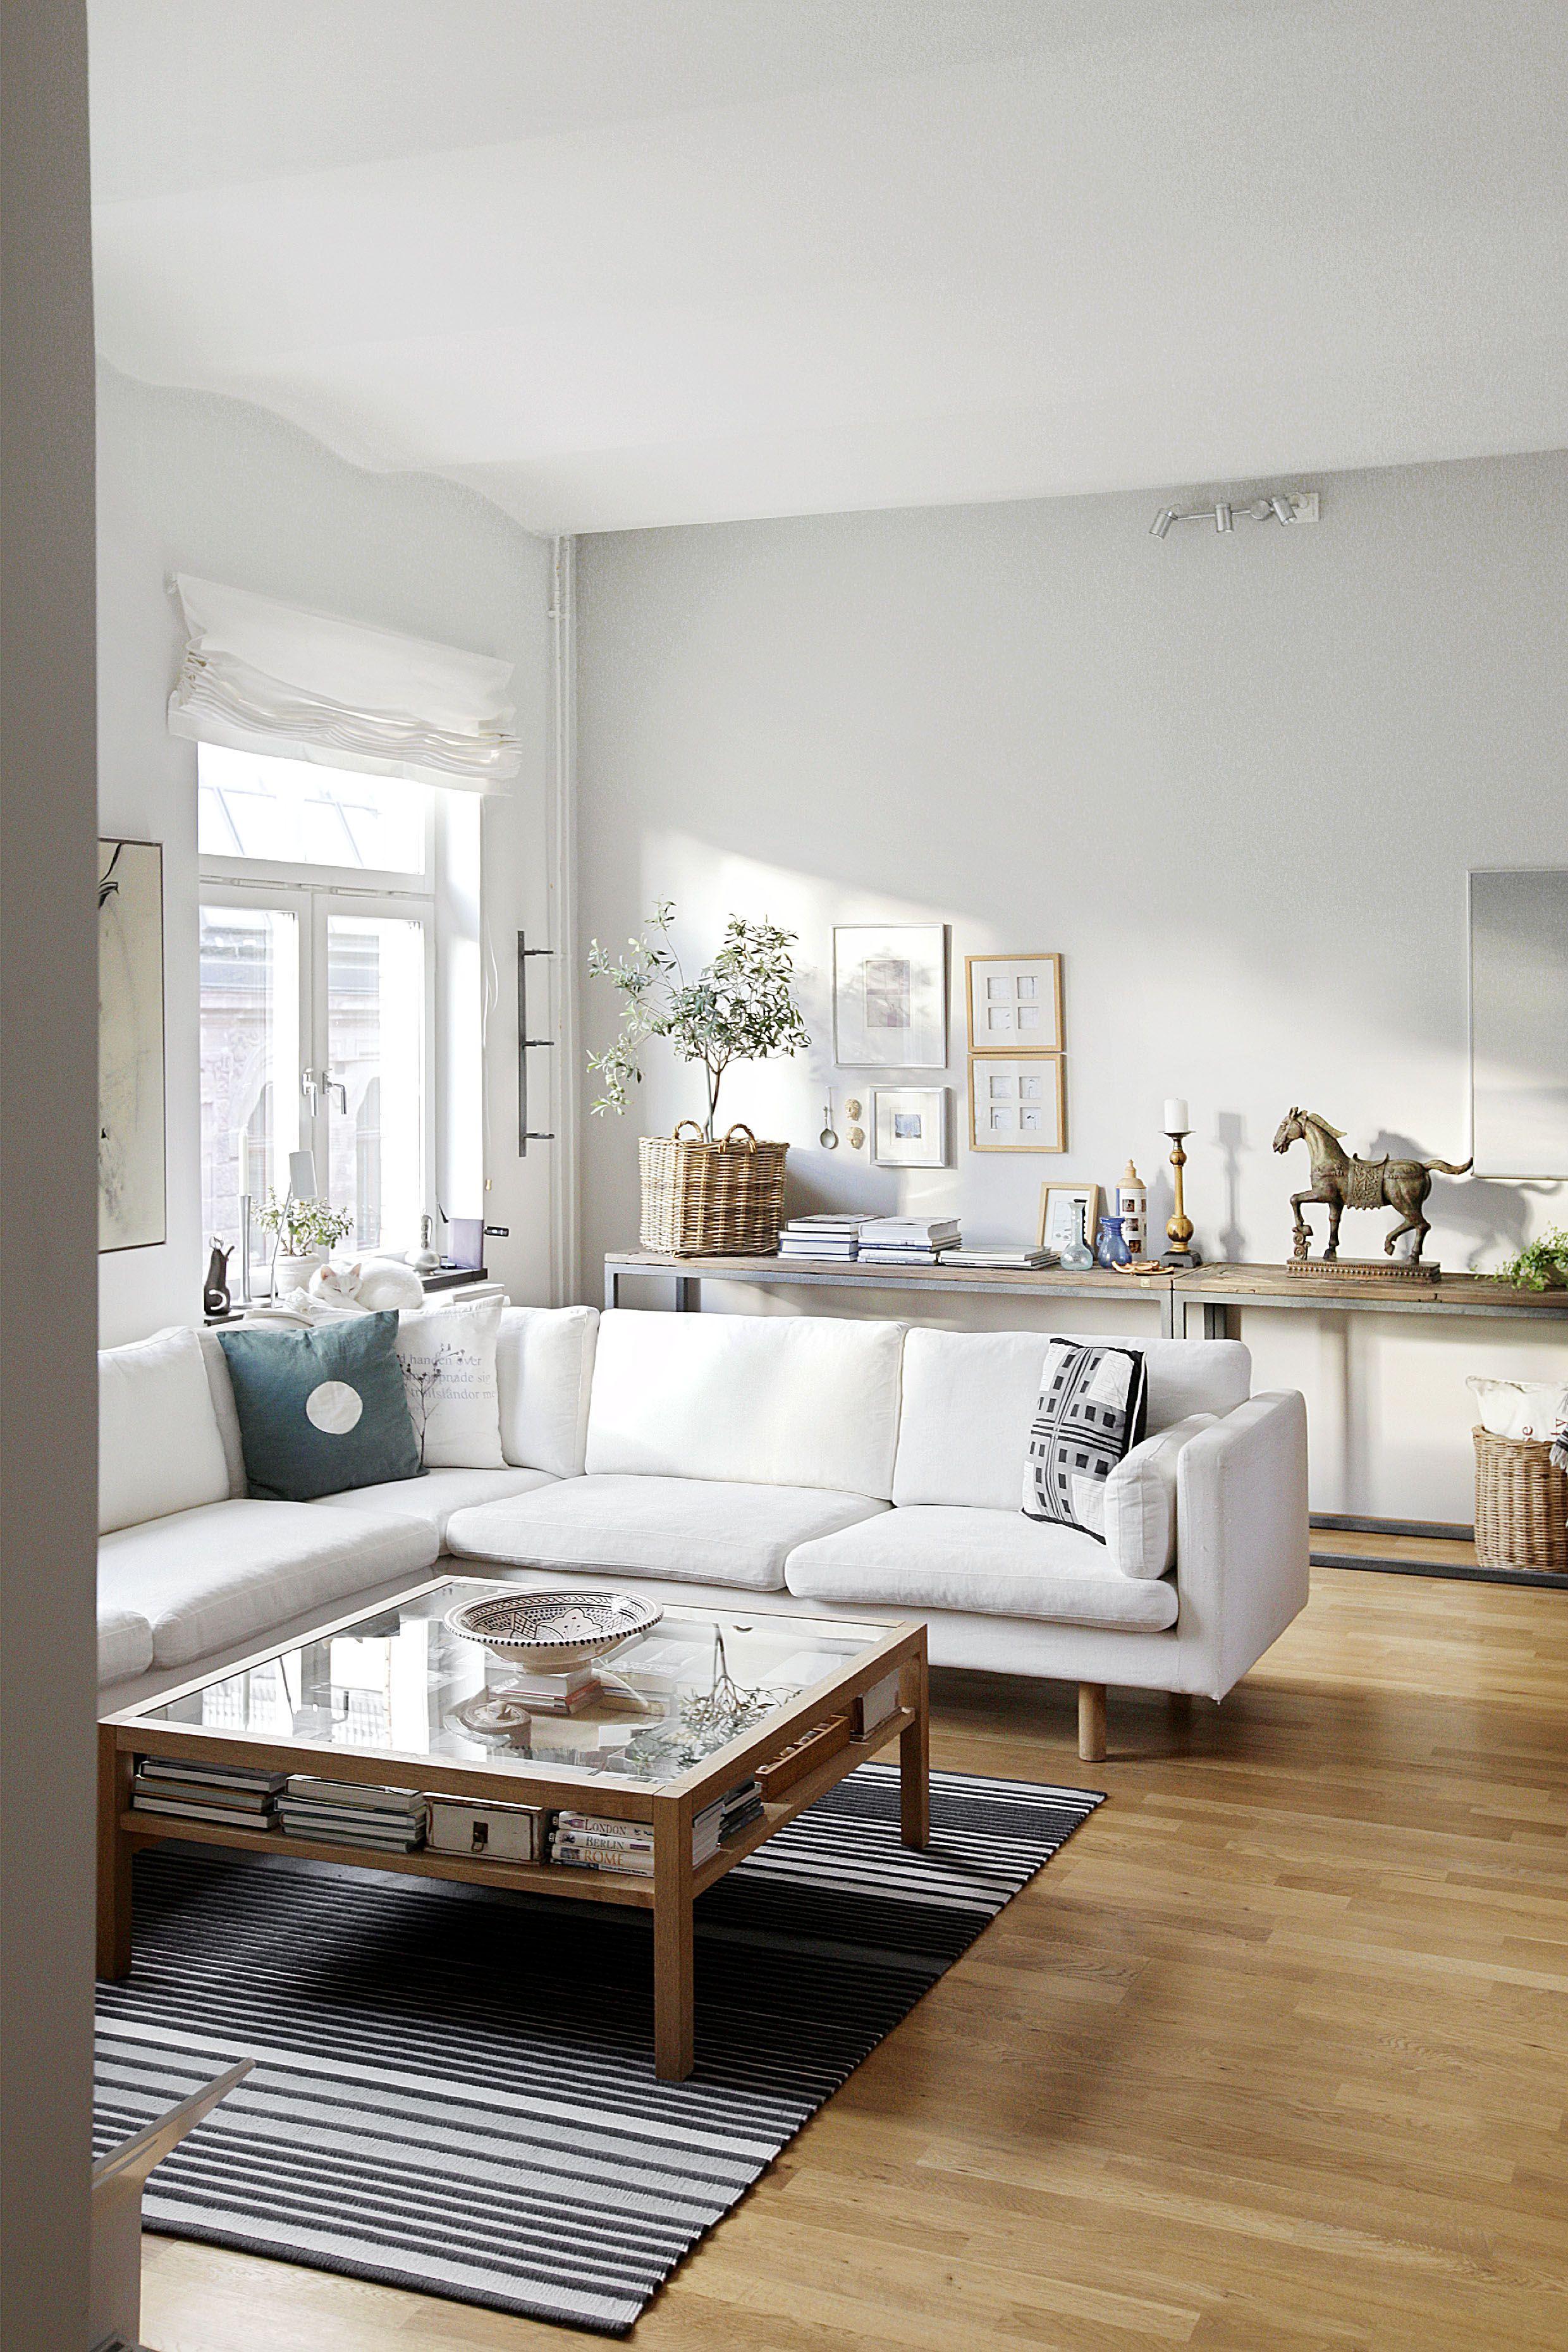 Bocenter fastighetsf rmedling inspiration wohnen einrichtung in wei pinterest diy - Inspiration wohnzimmer ...